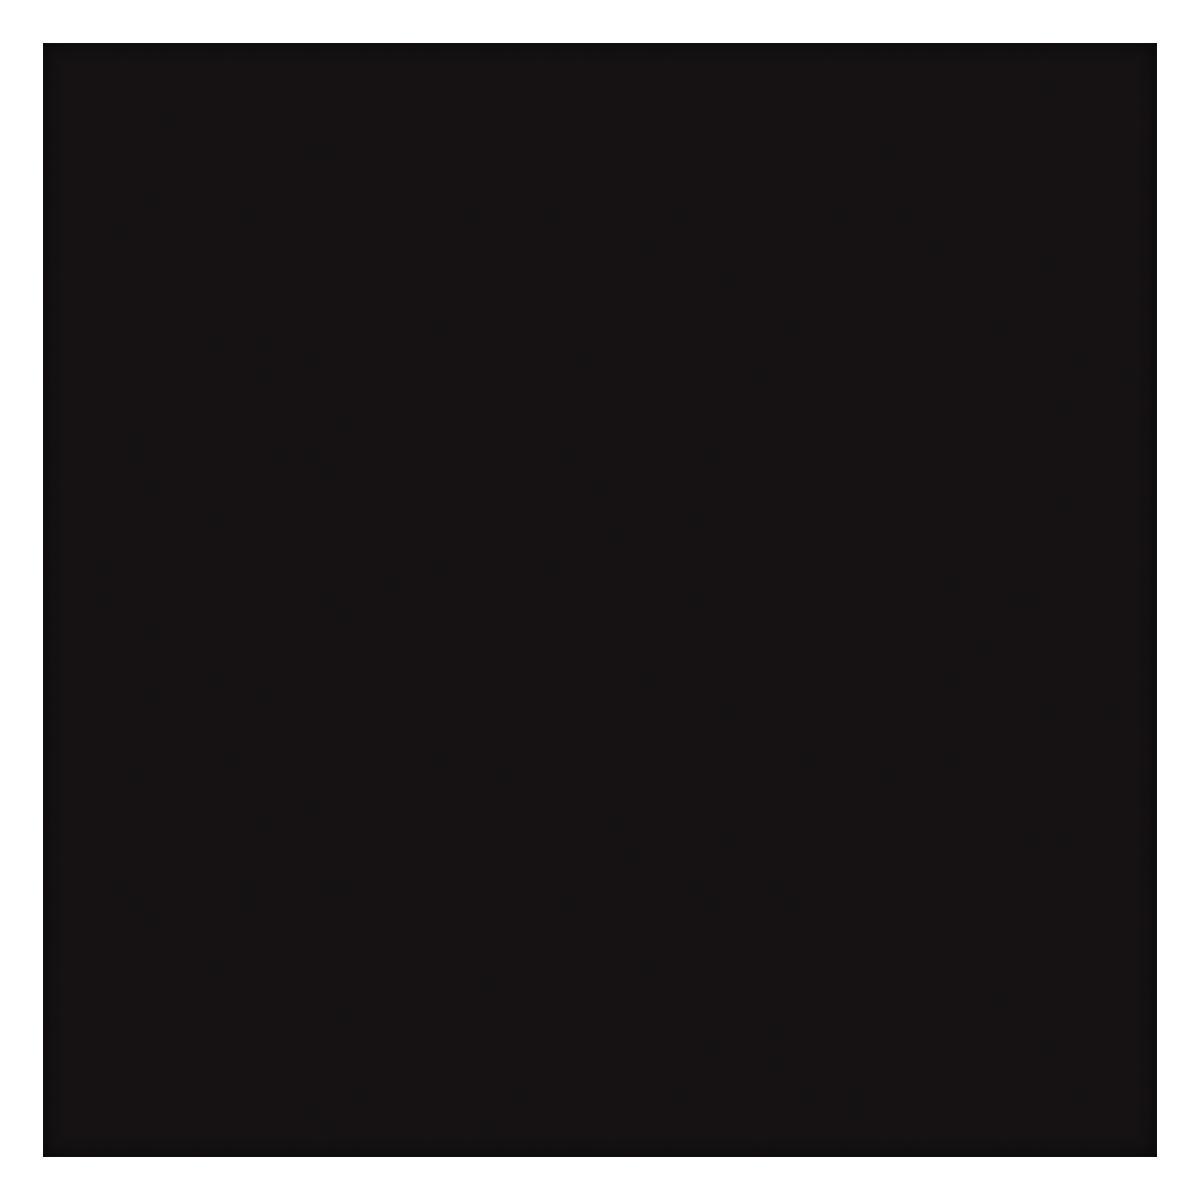 Porcelanato Unicolor Negro Brillante - 60X60 cm - 1.44 m2